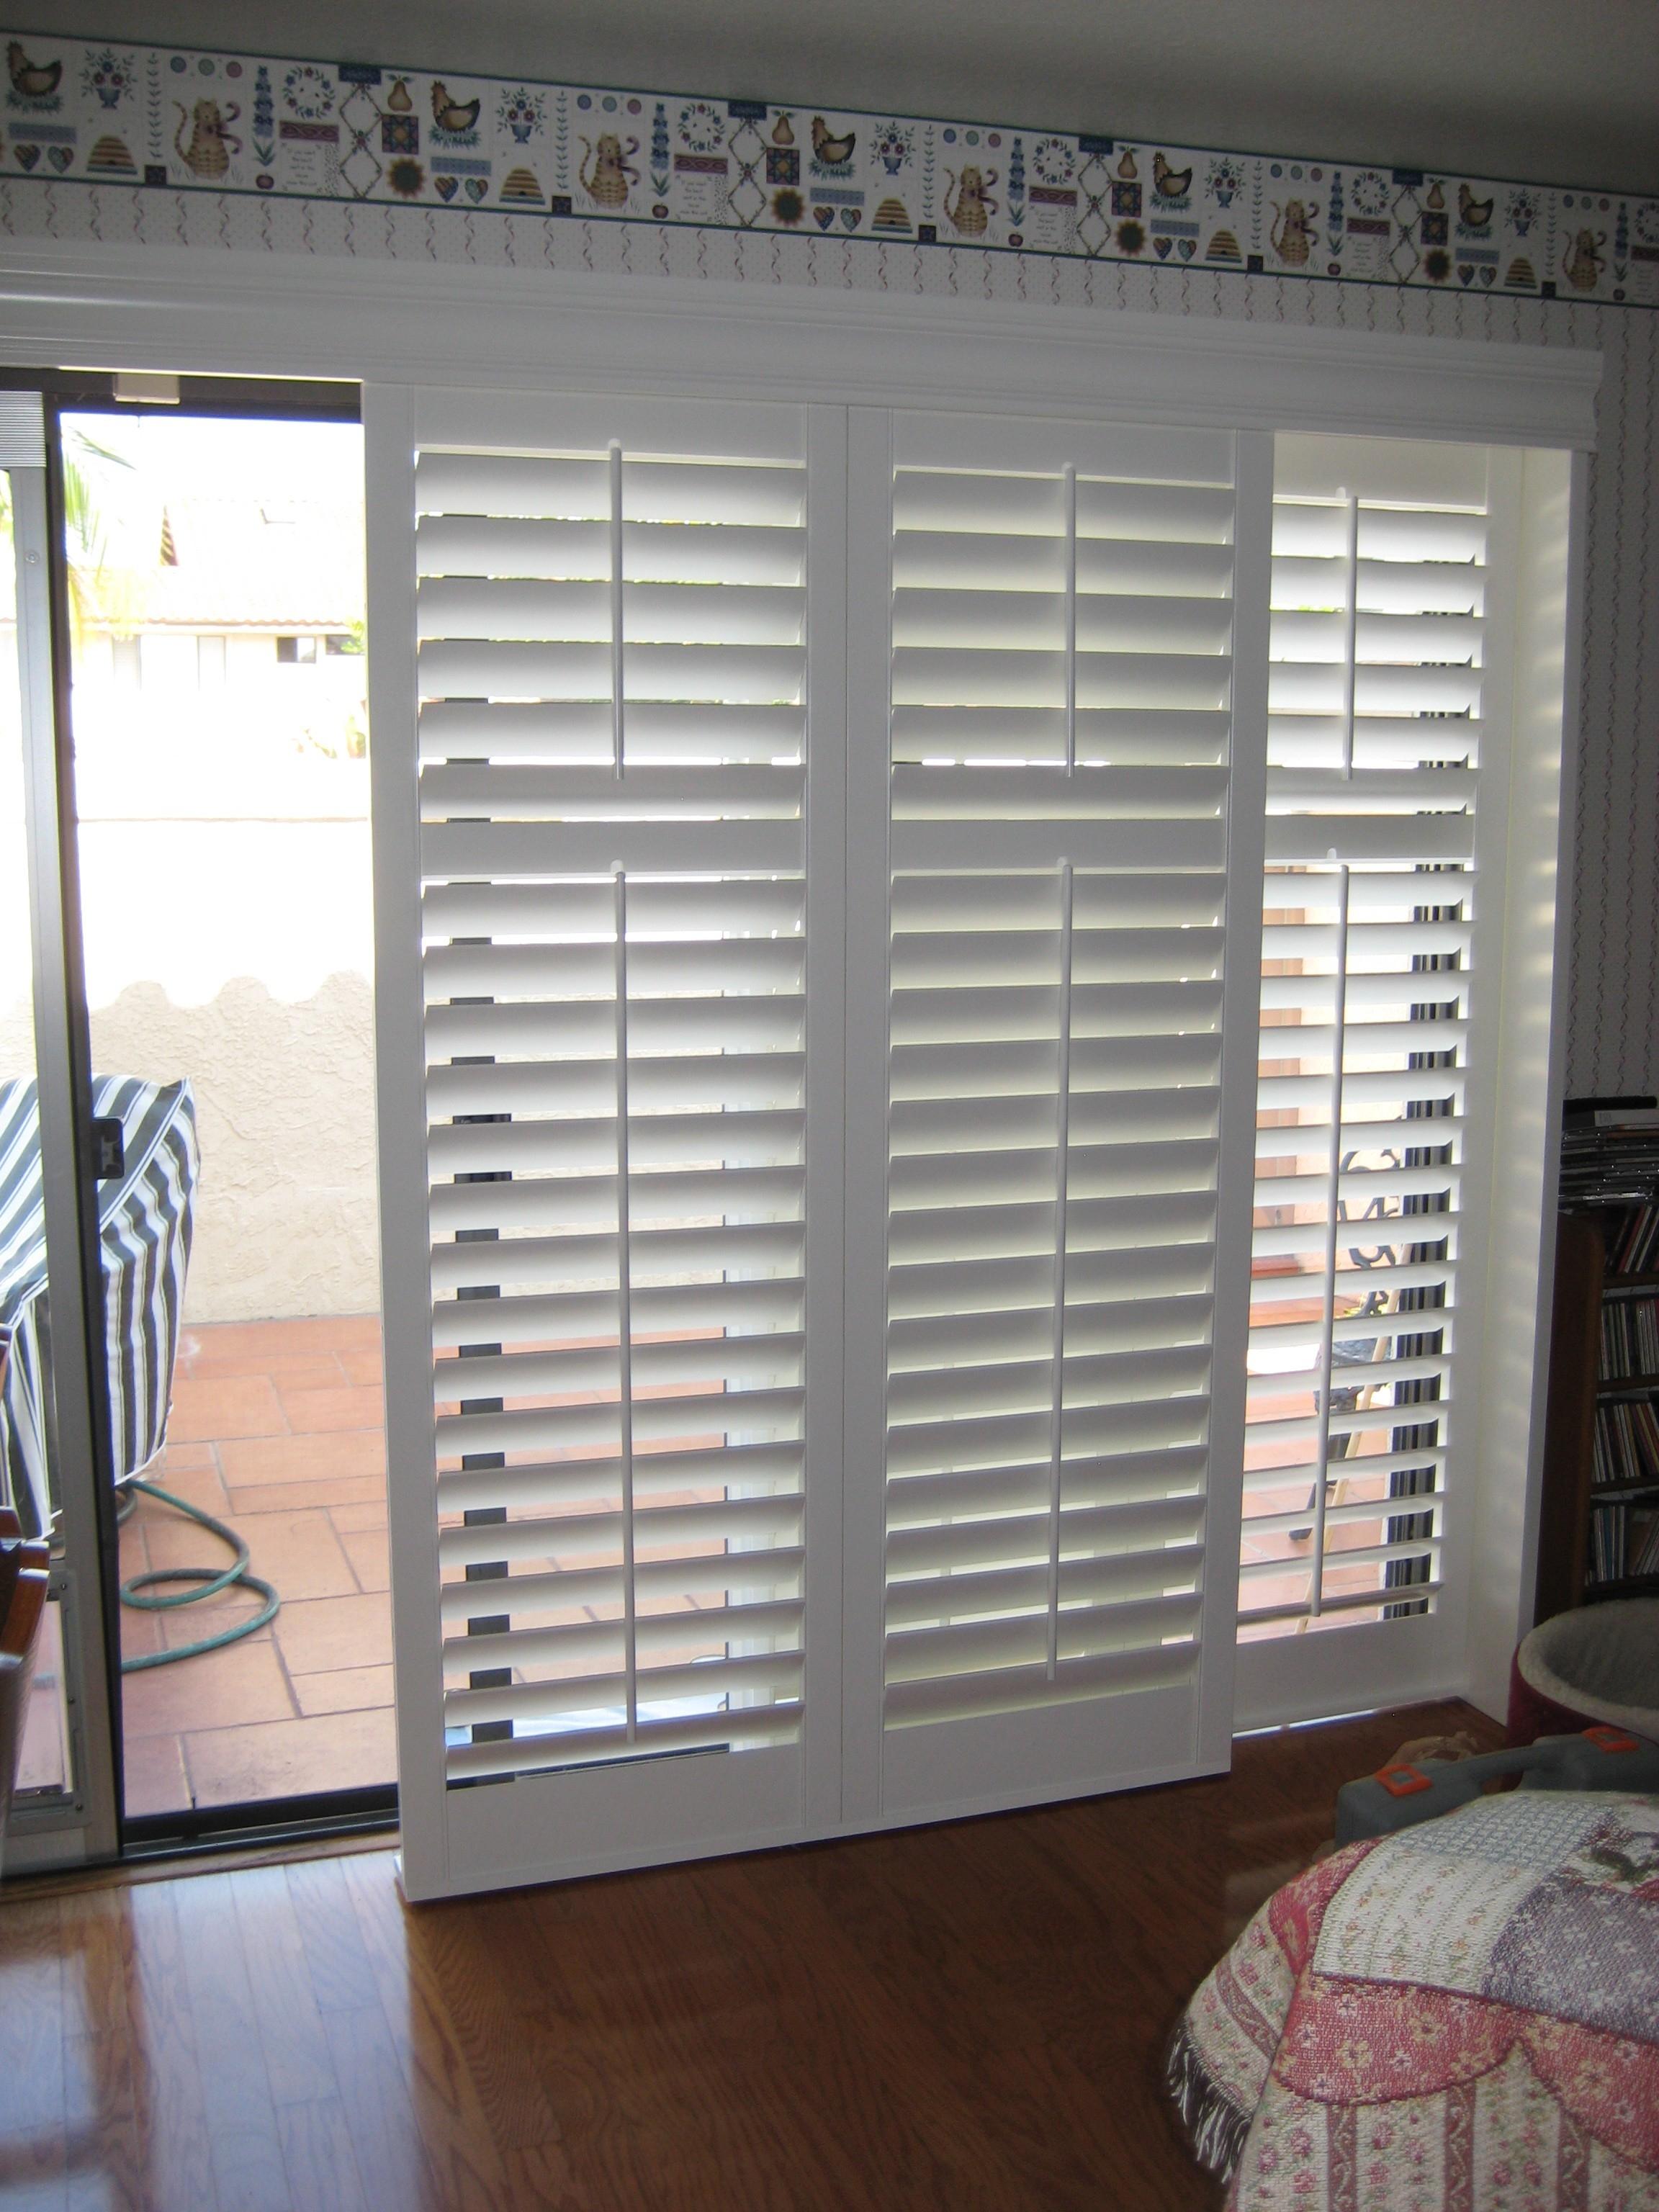 Venetian Blinds For Sliding Doors2304 X 3072